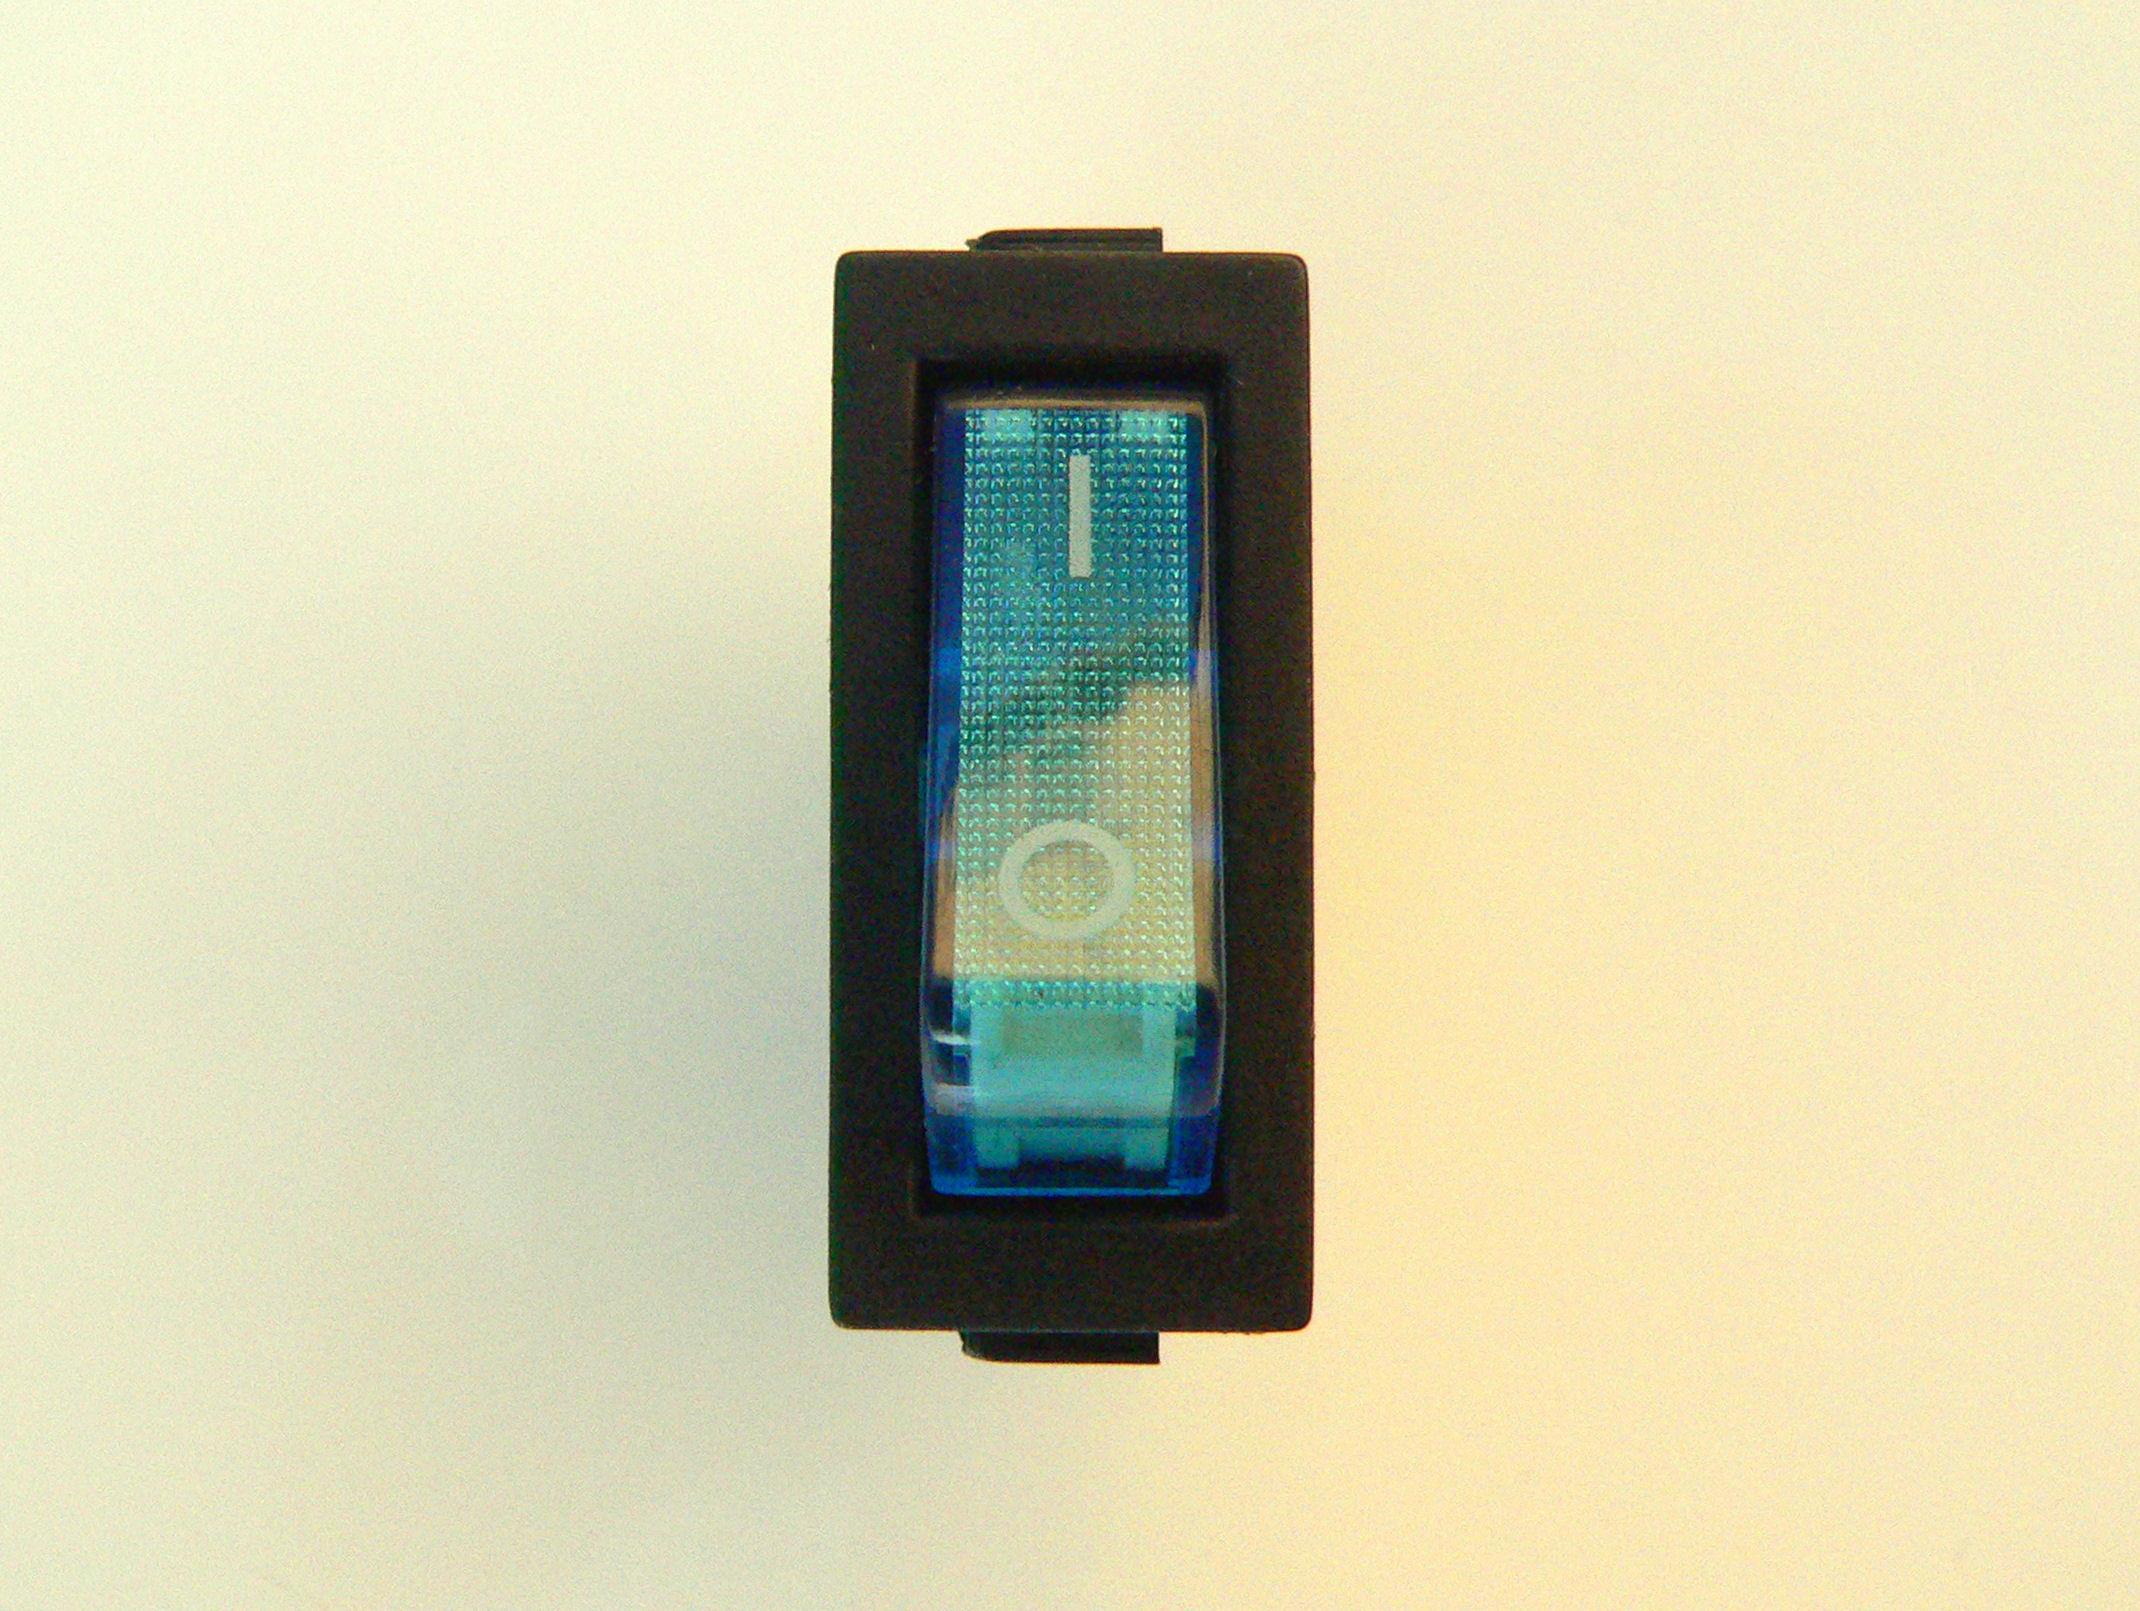 Blau Neon Strom Schalter für Gitarren Verstärker SPST Einpoliger | eBay